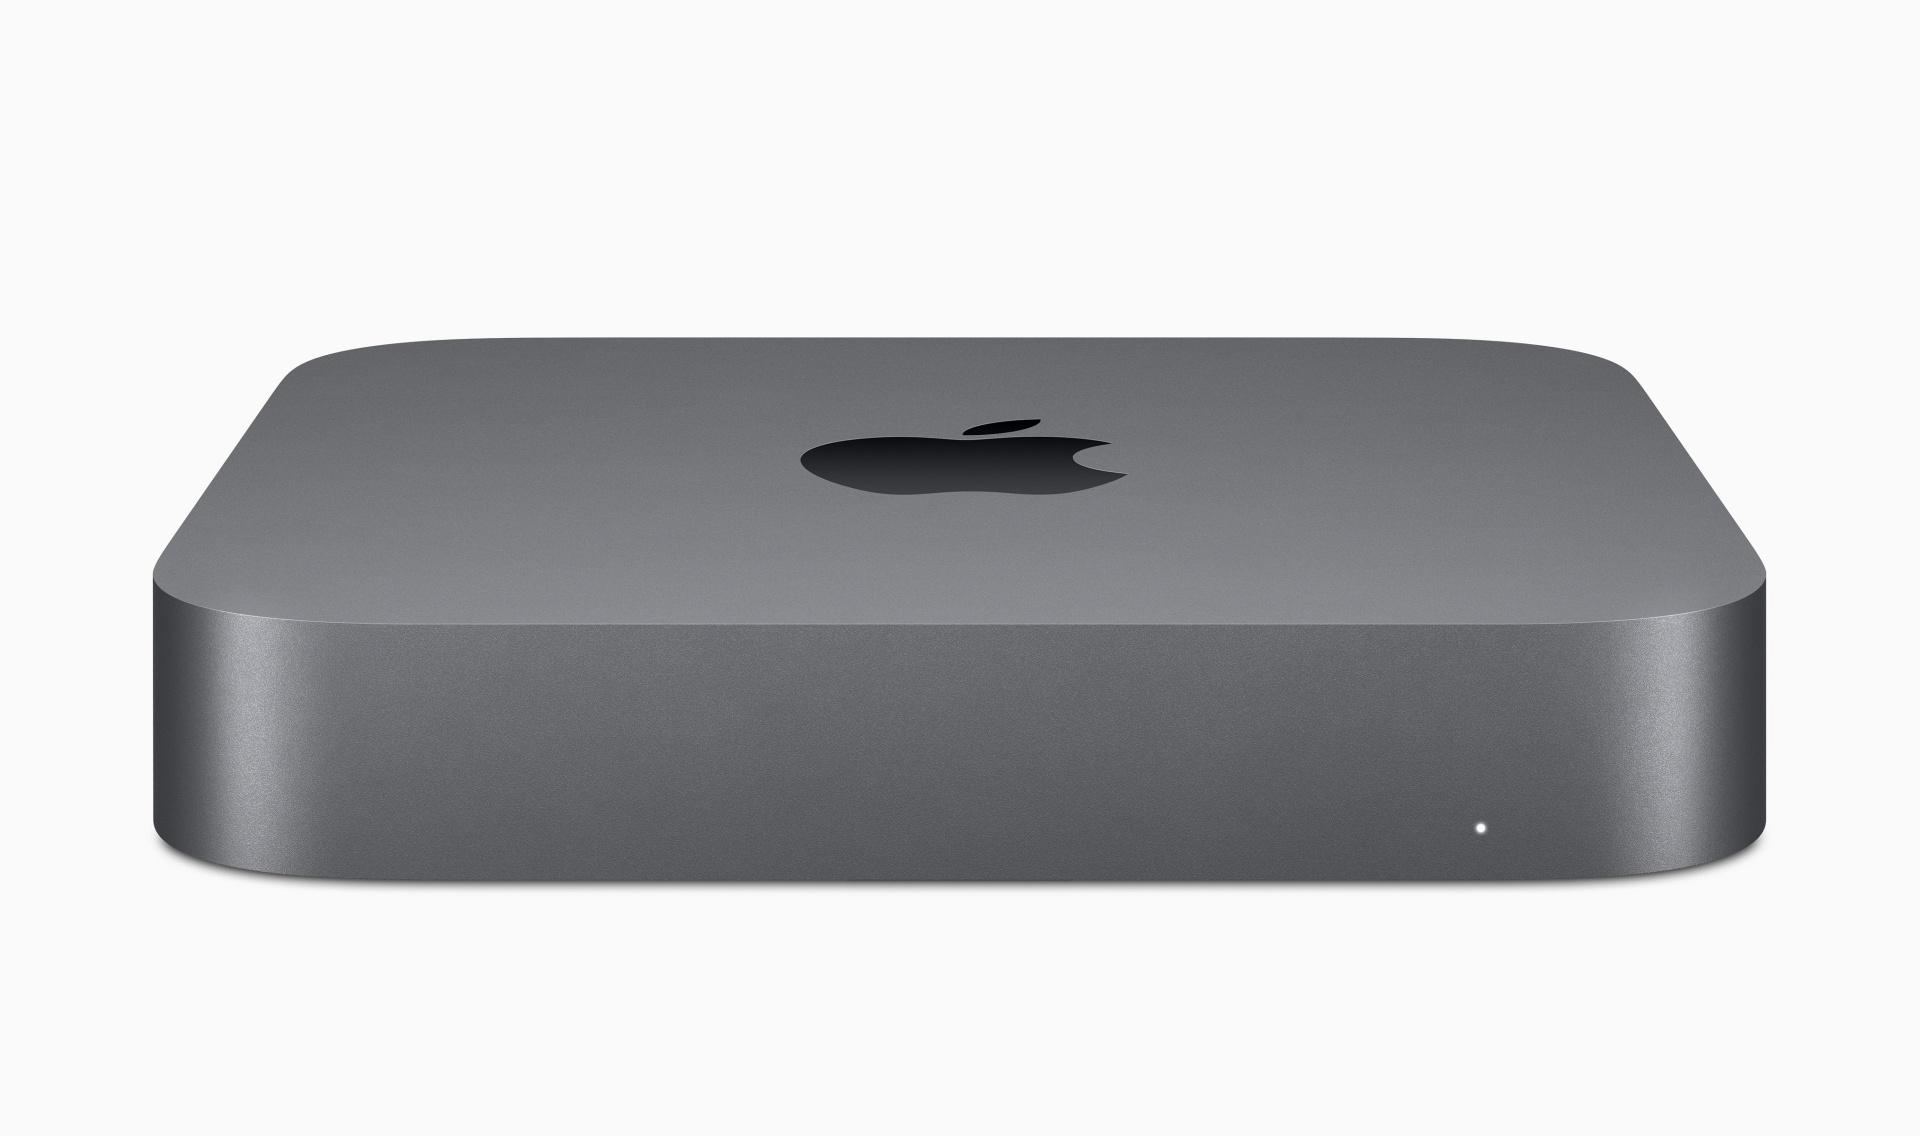 Apple annuncia il nuovo Mac Mini con più memoria e nuovi processori 2